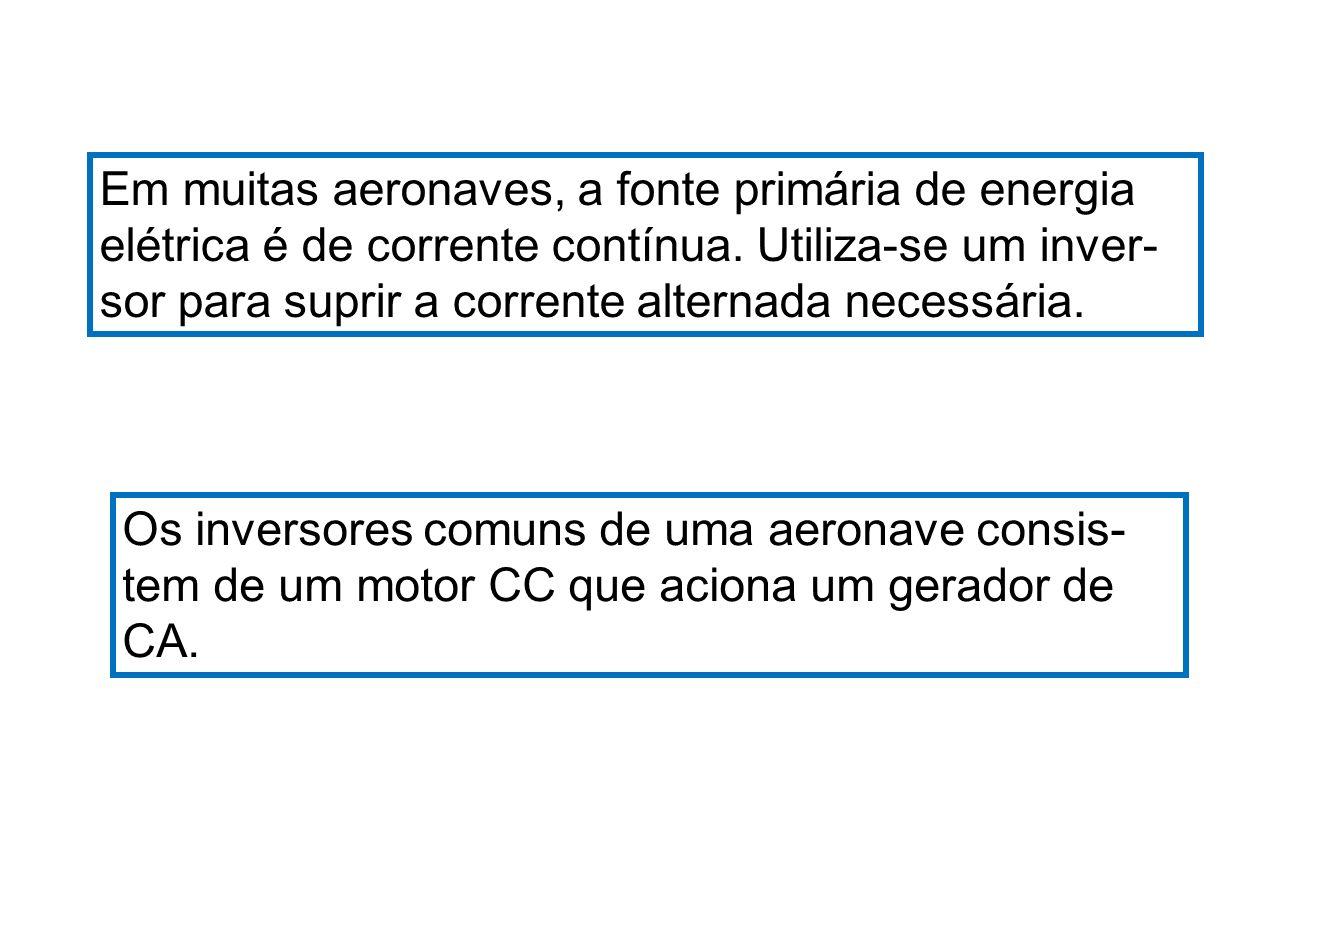 Em muitas aeronaves, a fonte primária de energia